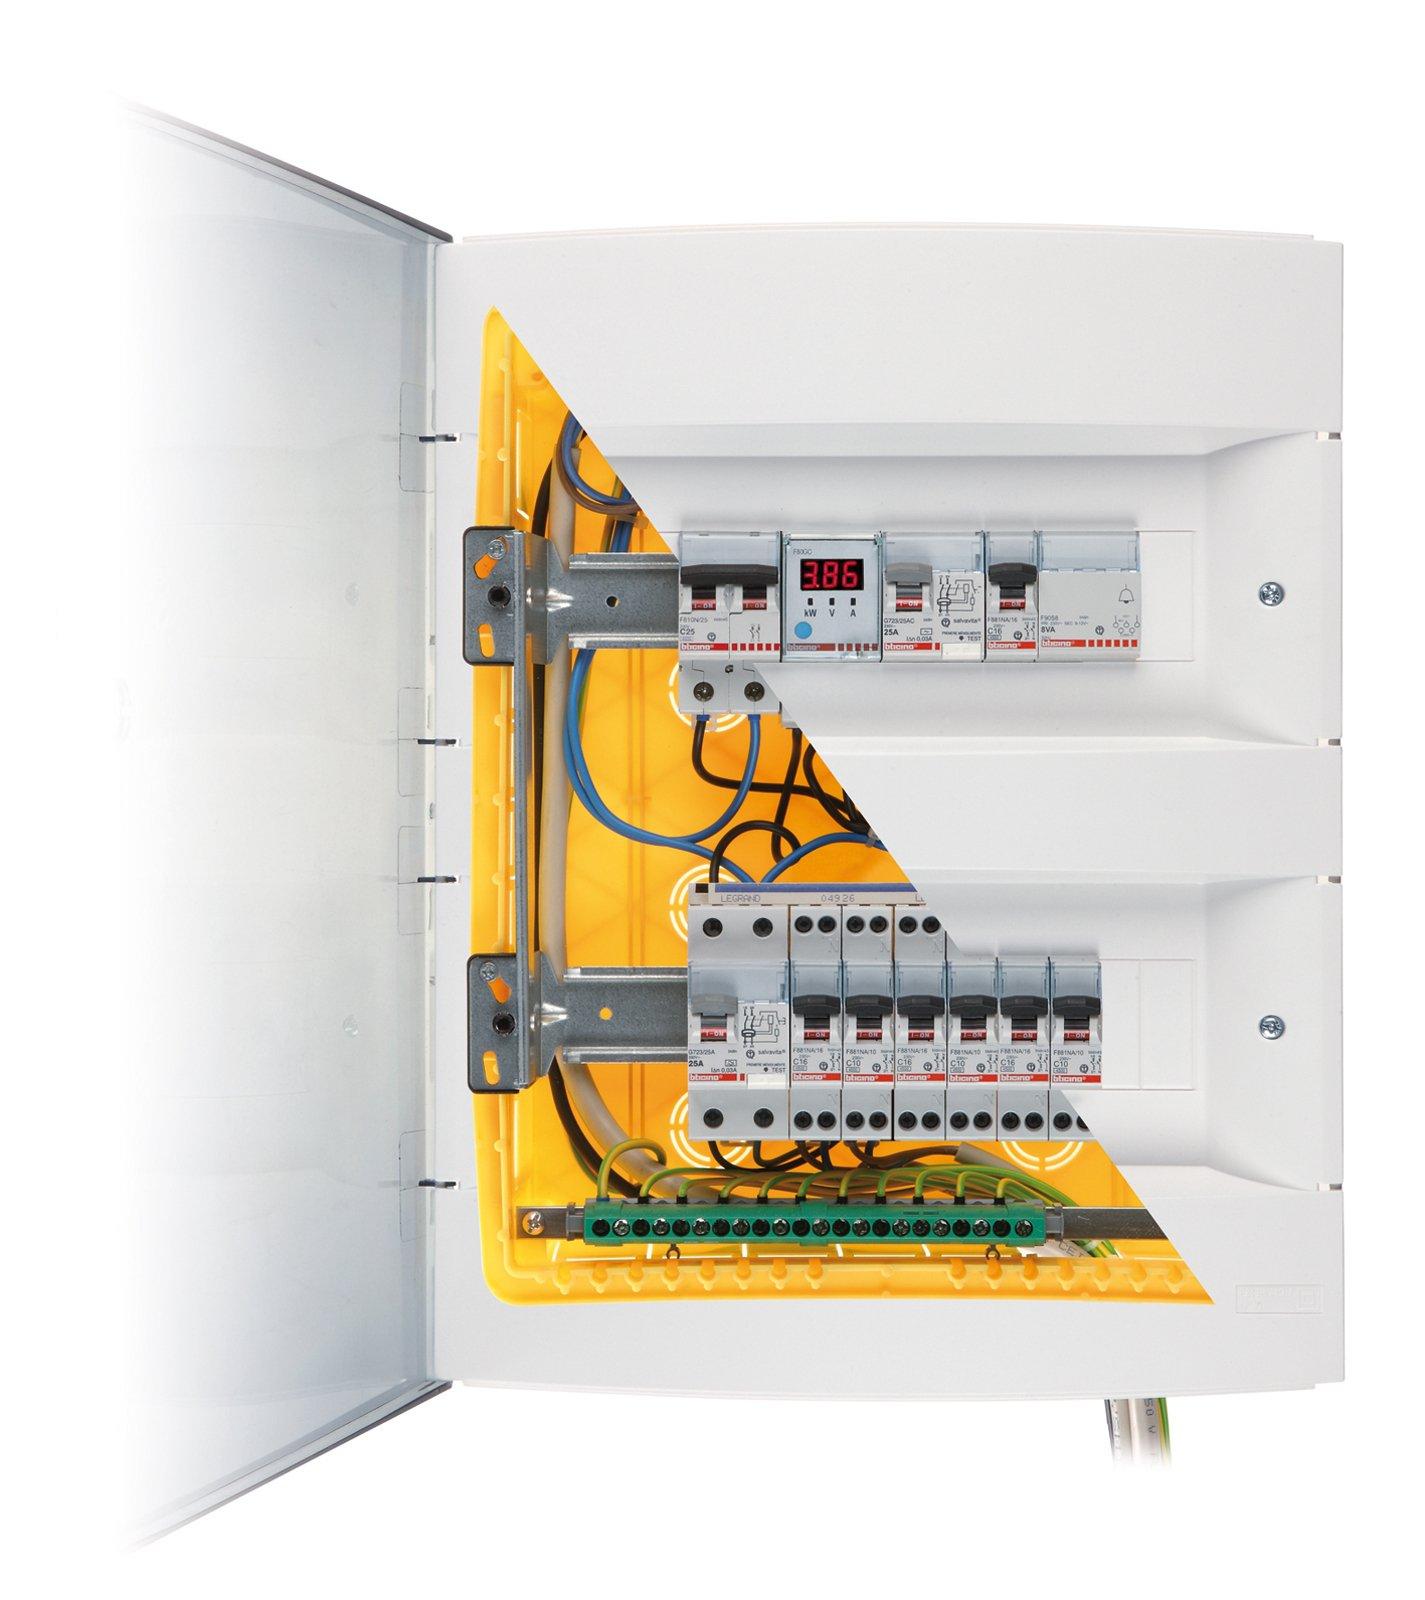 Impianto elettrico nuovo come va fatto cose di casa - Impianto elettrico di casa ...